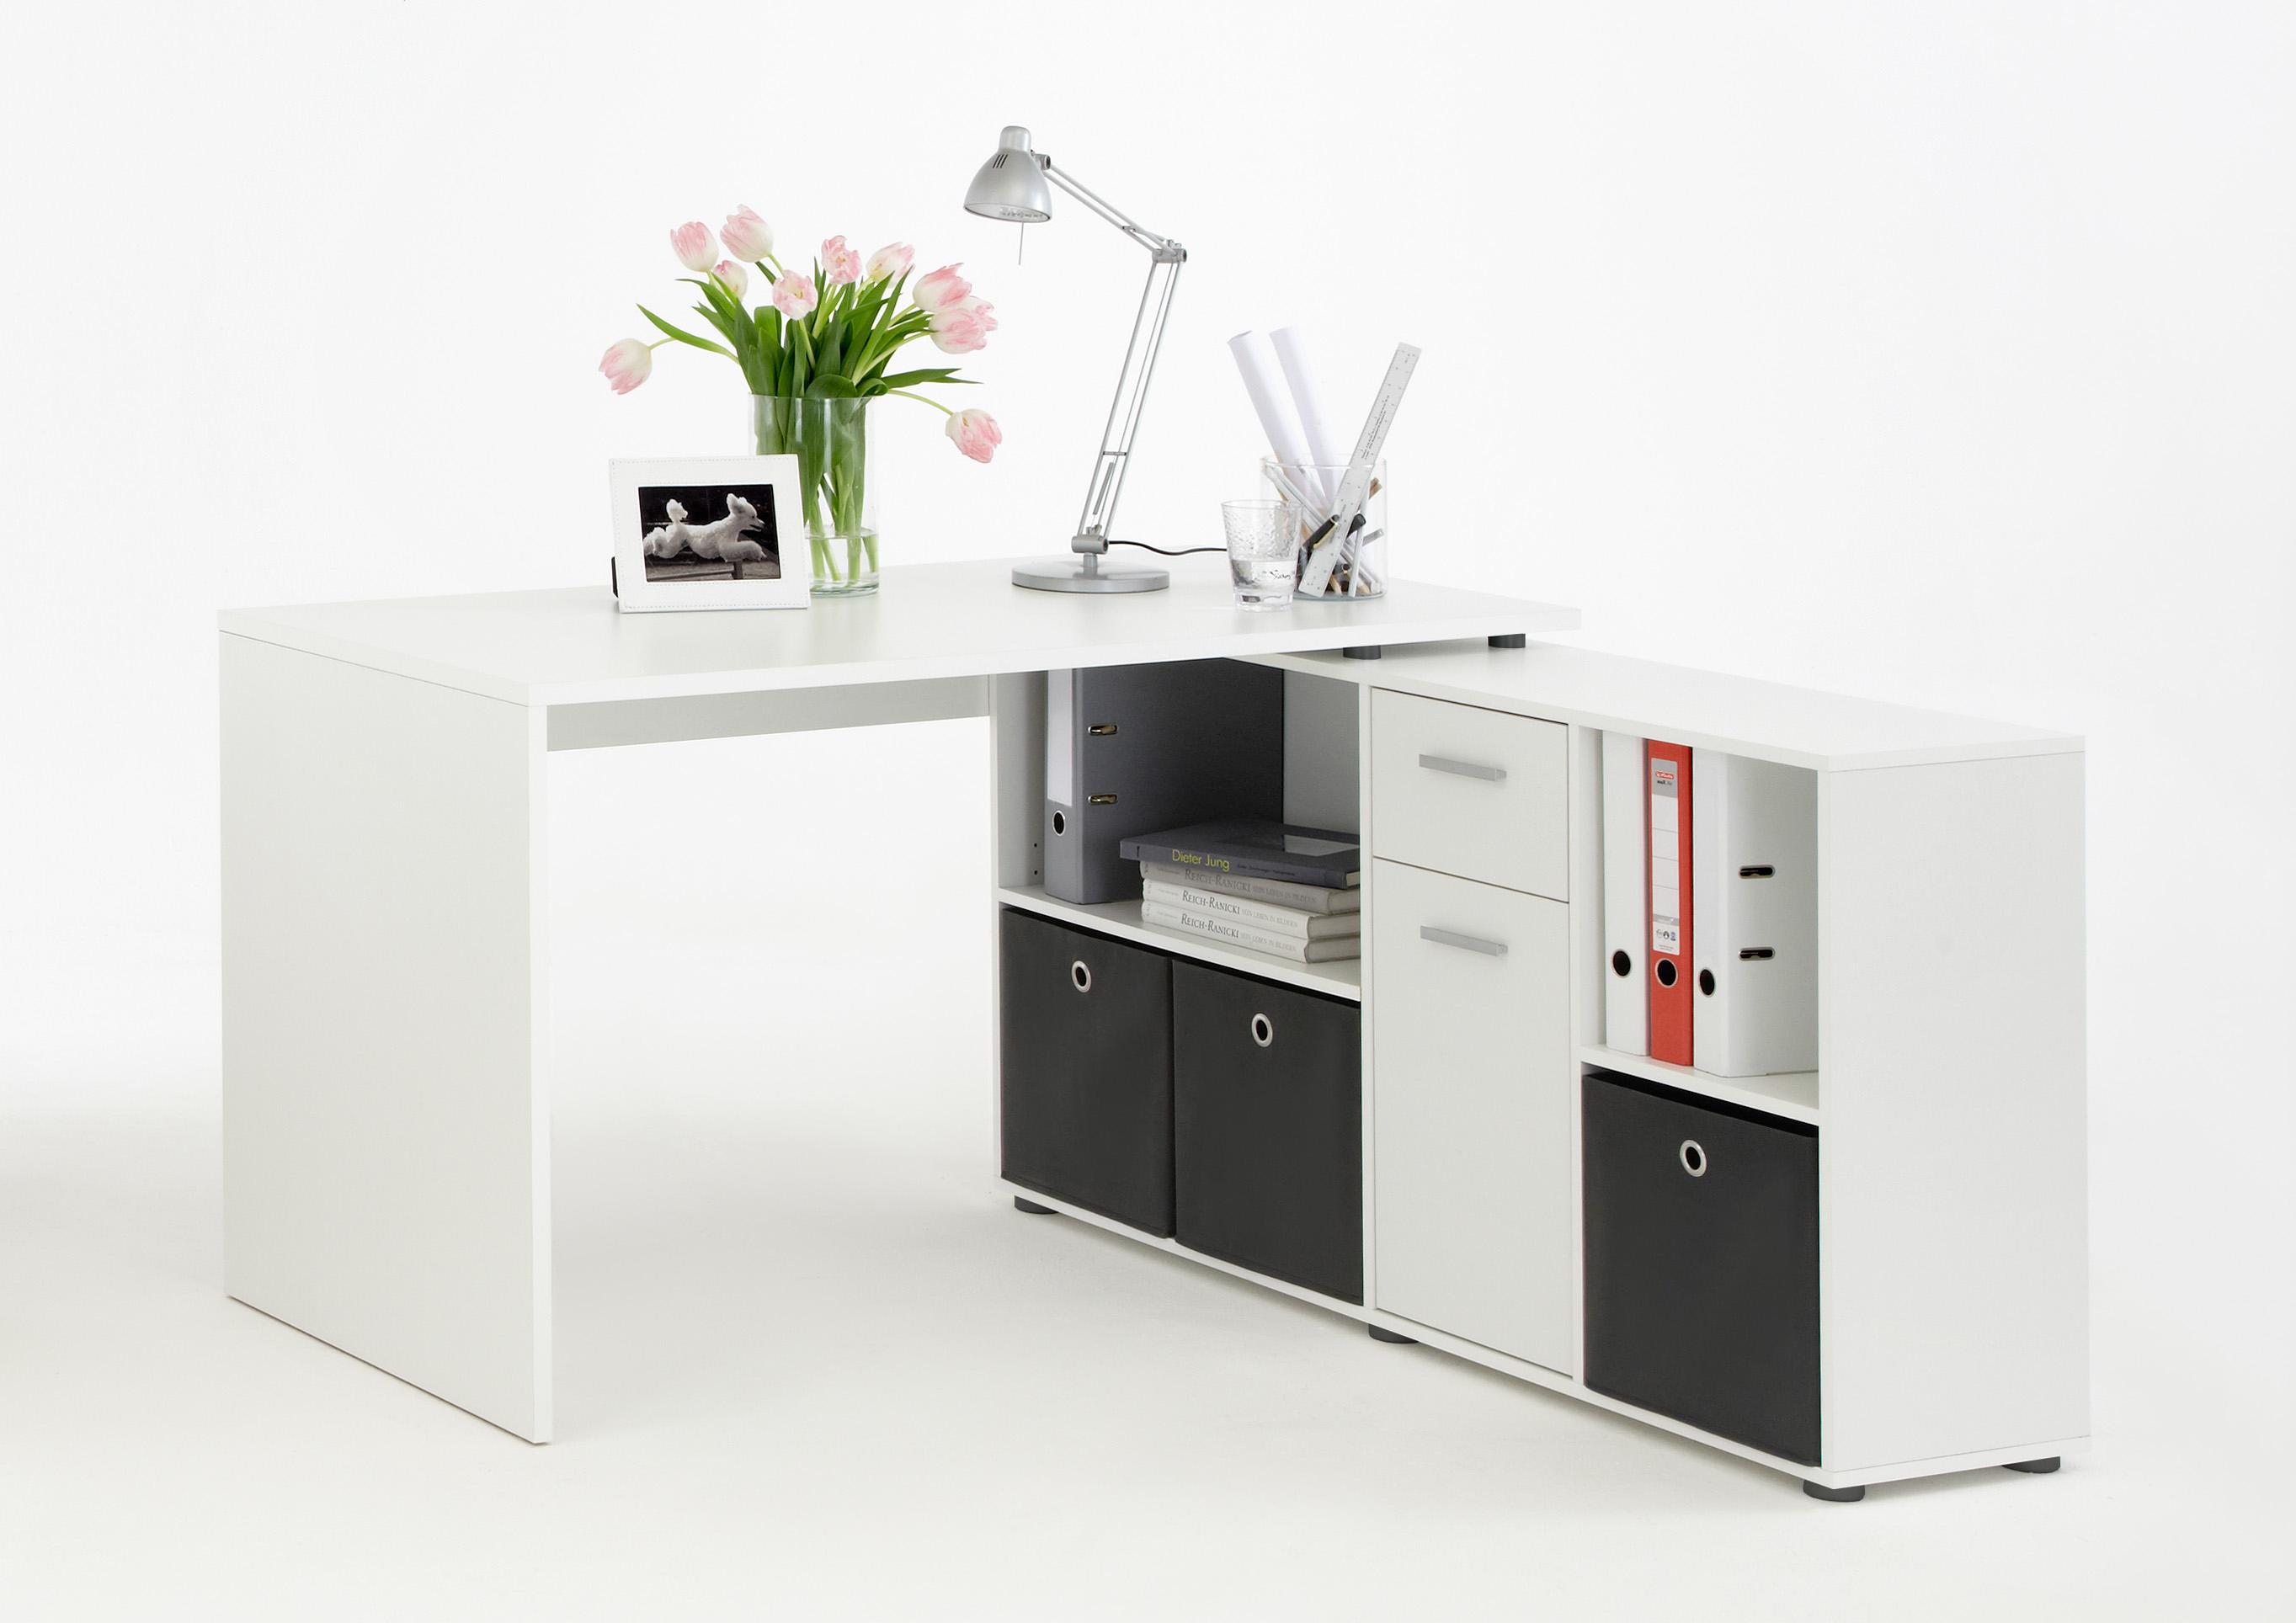 Schreibtisch büro weiß  Lex Winkelkombi Schreibtisch Weiß FMD Eckschreibtisch